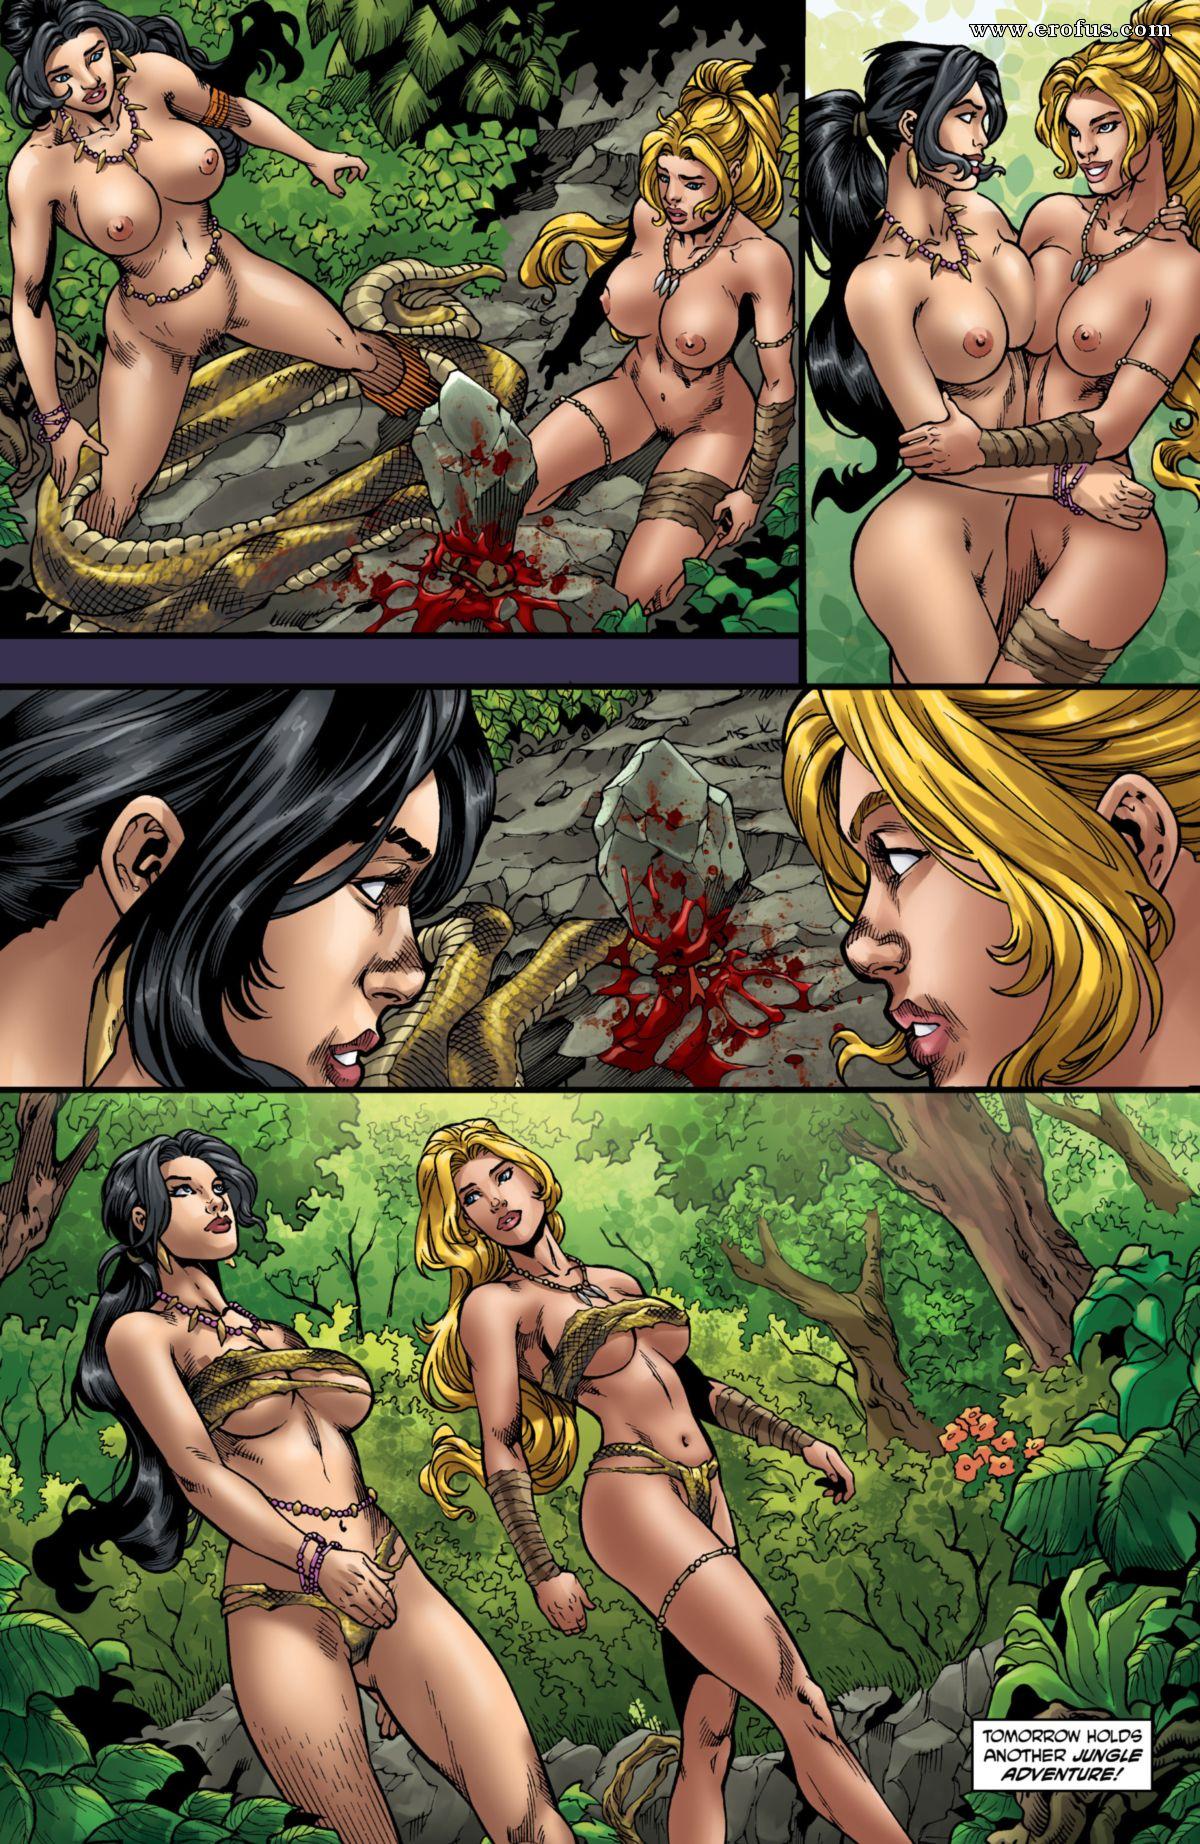 девушки фэнтези порно войны комиксы